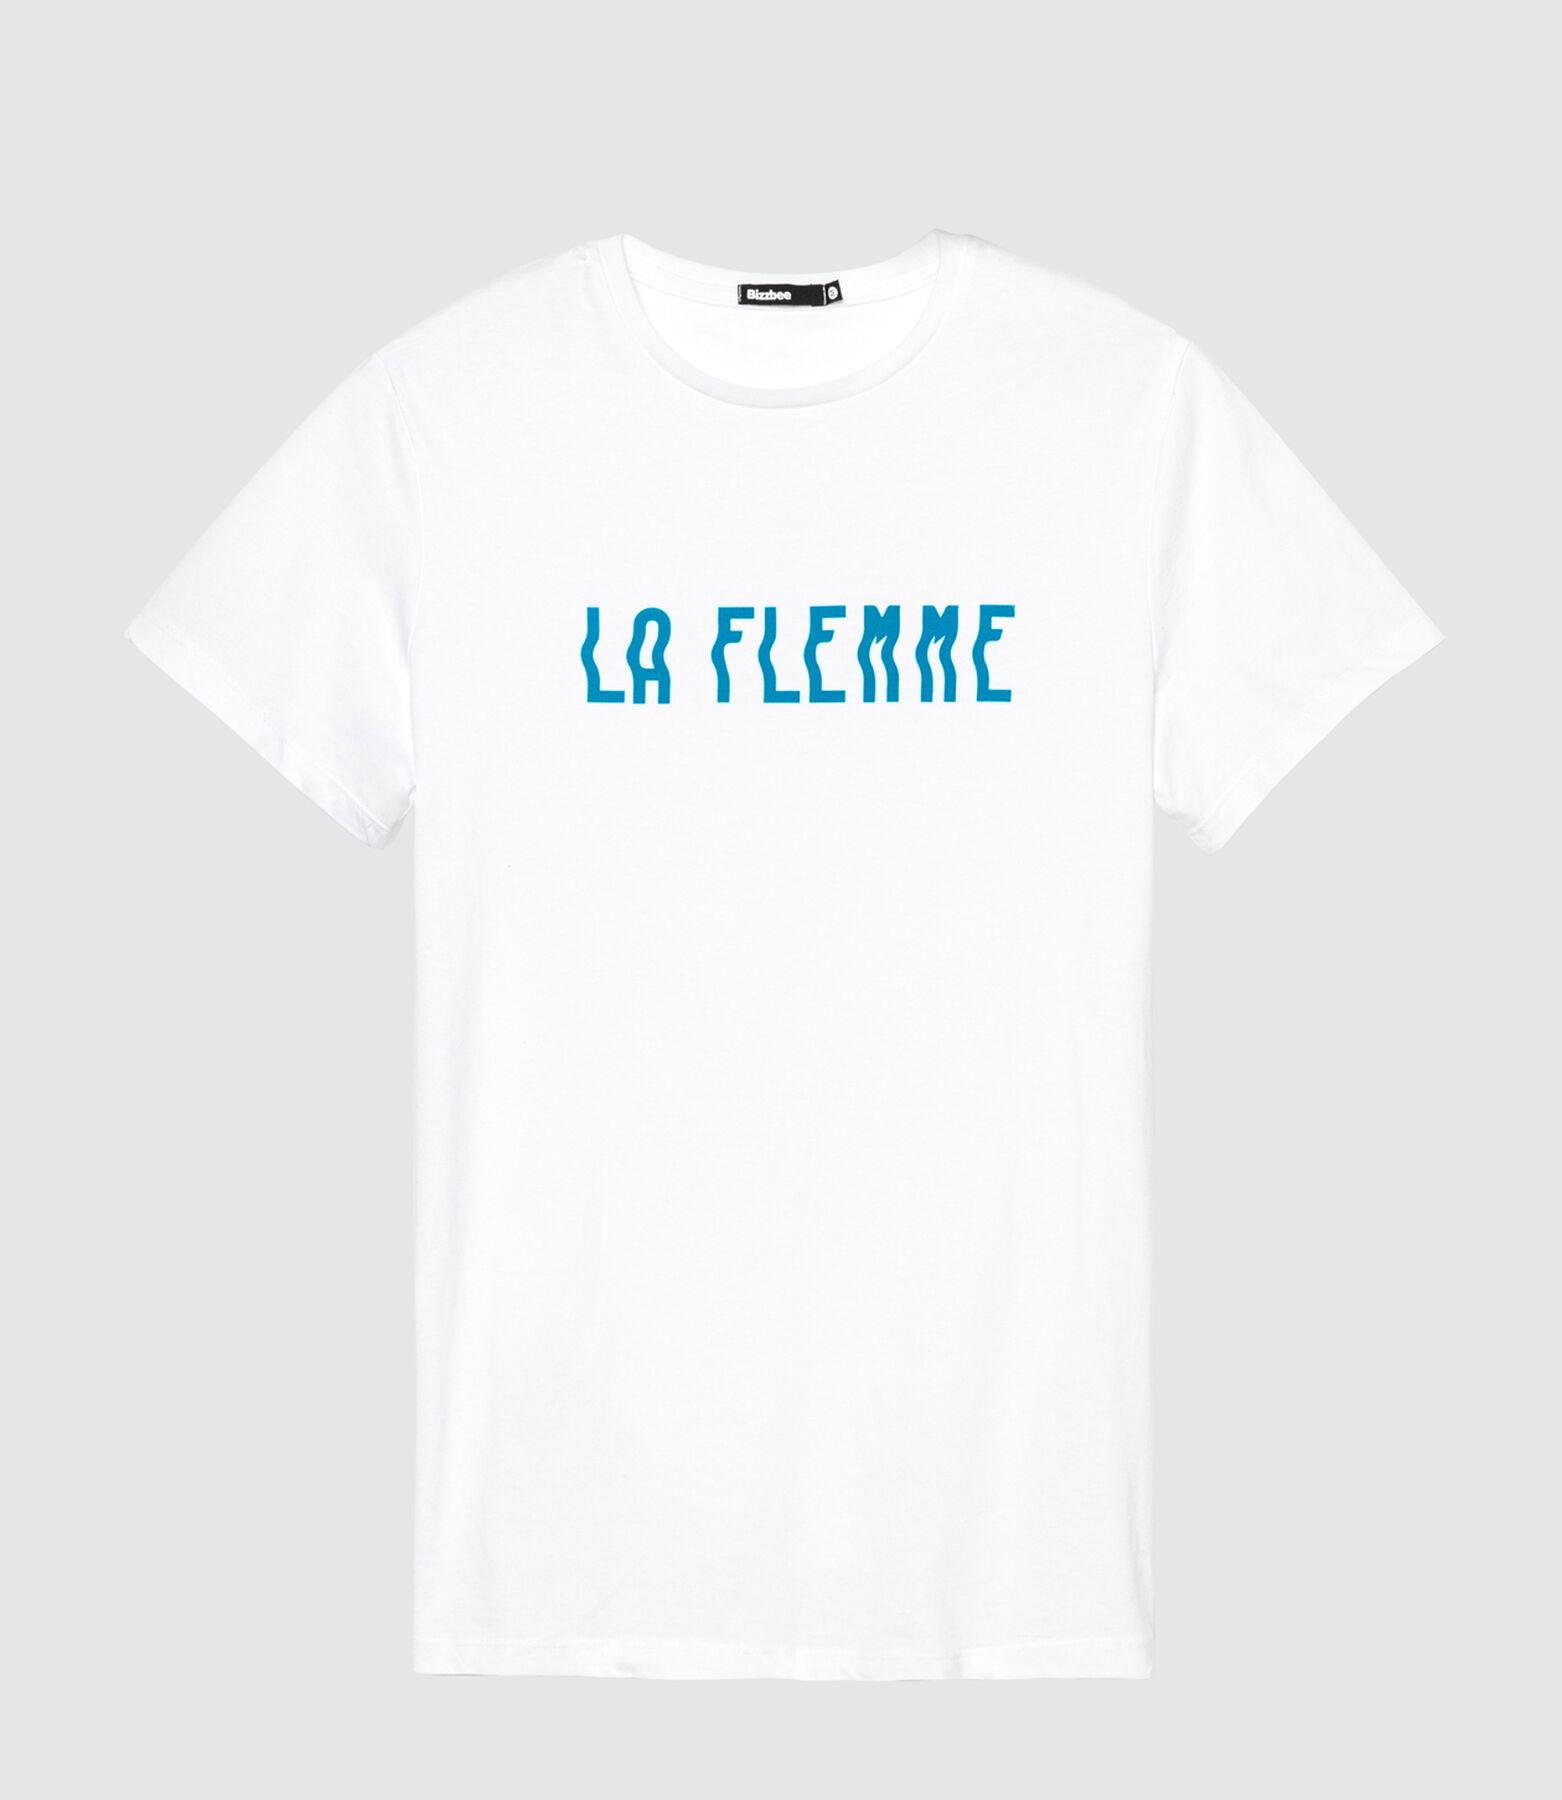 T-shirt message LA FLEMME